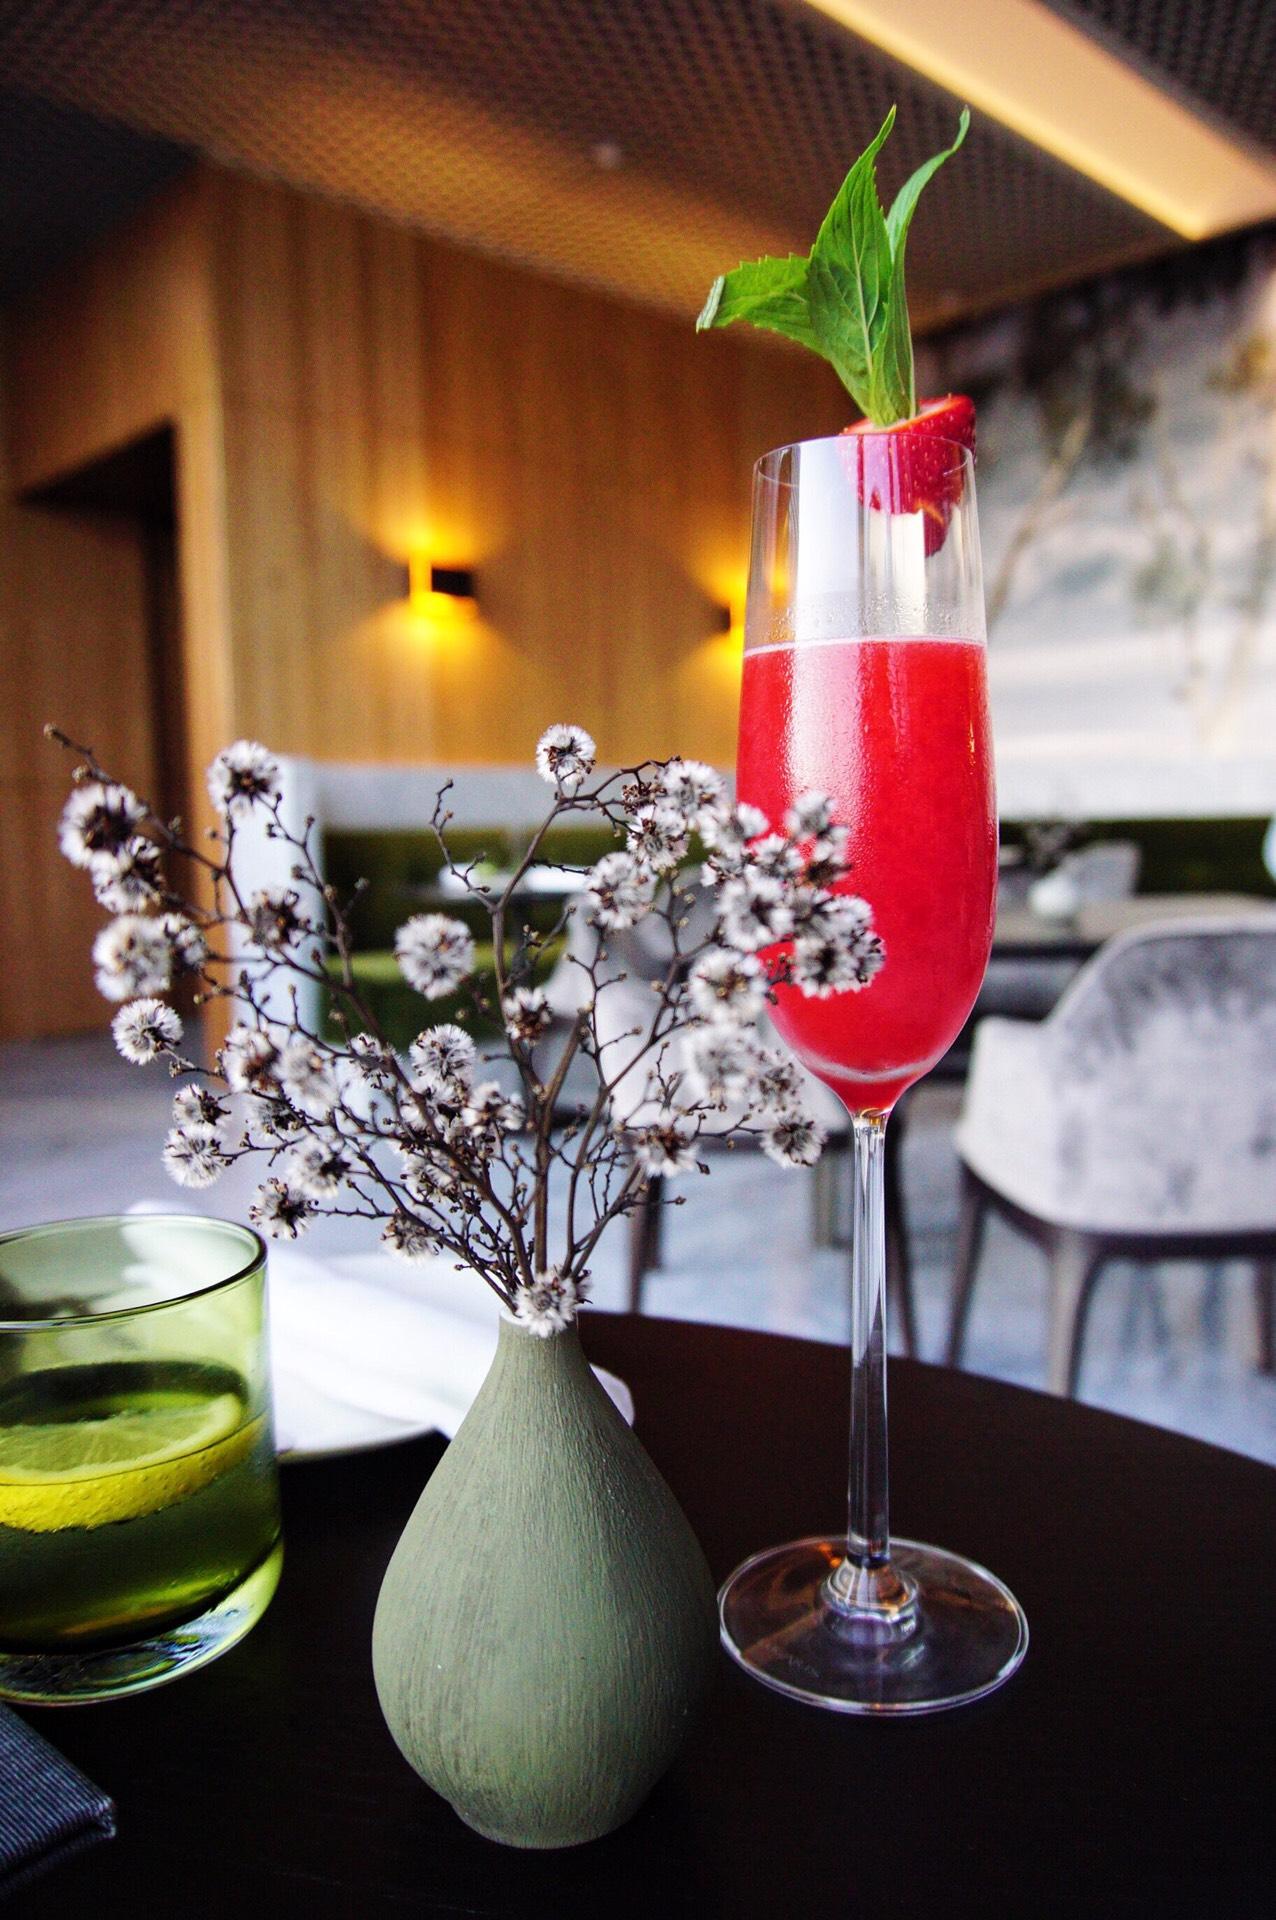 Point Zero: Champagne Taittinger Brut, Massenez Creme de Fraise, St Germain liqueur, berries puree and lemon juice